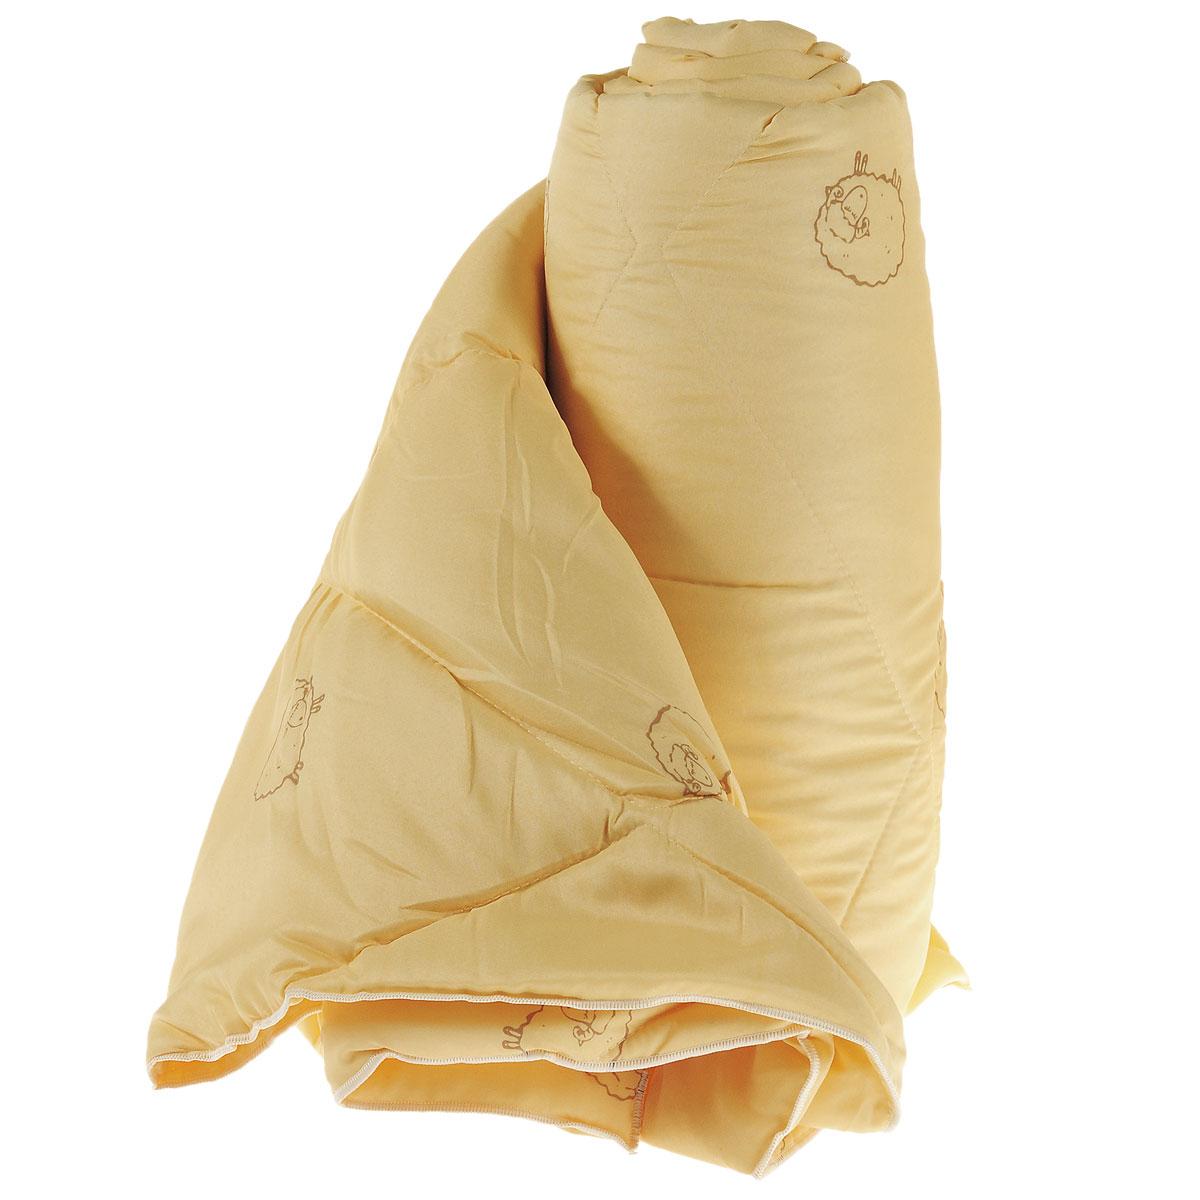 Одеяло Sleeper Находка, легкое, наполнитель: овечья шерсть, цвет: желтый, 140 x 200 см1.645-370.0Легкое одеяло Sleeper Находка с наполнителем - овечьей шерстью, со стежкой, не оставит равнодушными тех, кто ценит здоровье и красоту. Изысканный цвет чехла отвечает современным европейским тенденциям, а наполнитель из овечьей шерсти придает изделию мягкость, упругость и повышенные теплозащитные свойства.Ткань чехла изготовлена из микрофибры - мягкого, приятного на ощупь материала.Материал чехла: микрофибра (100% полиэстер). Материал наполнителя: овечья шерсть. Масса наполнителя: 200 г/м2.